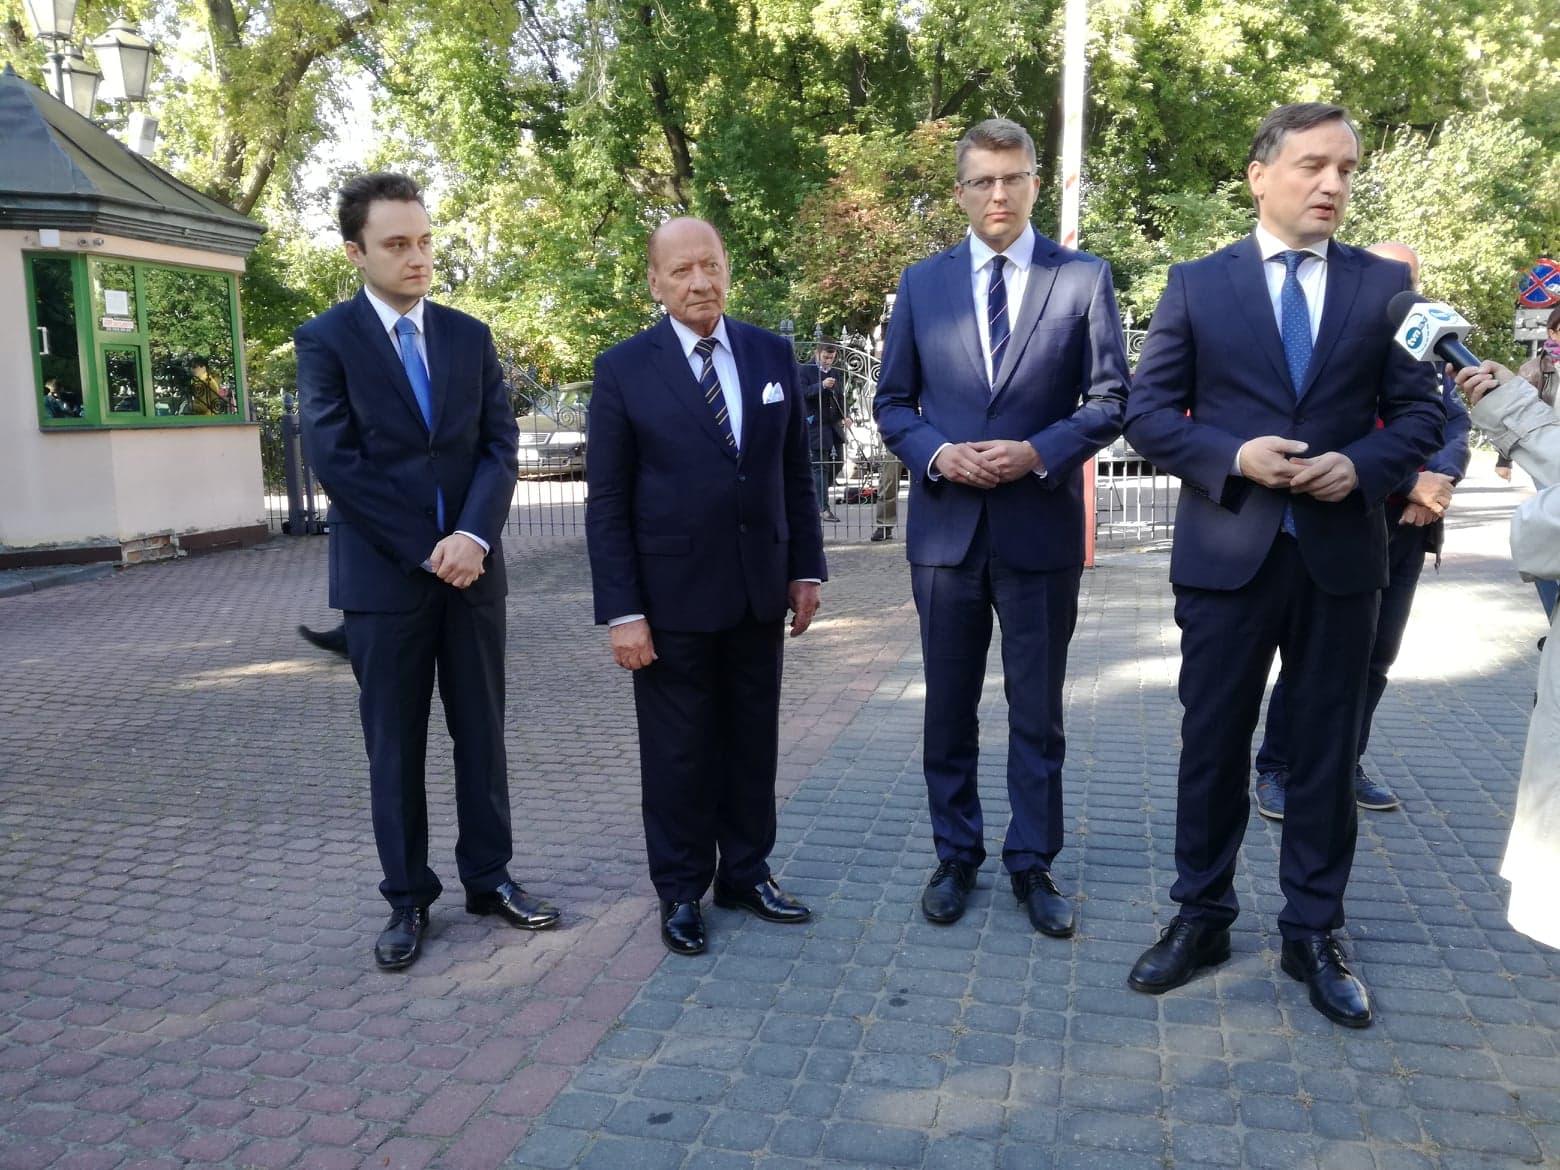 Tadeusz Ferenc oficjalnie ogłosi rezygnację w swoje 81. urodziny! Kto na jego miejsce? - Zdjęcie główne